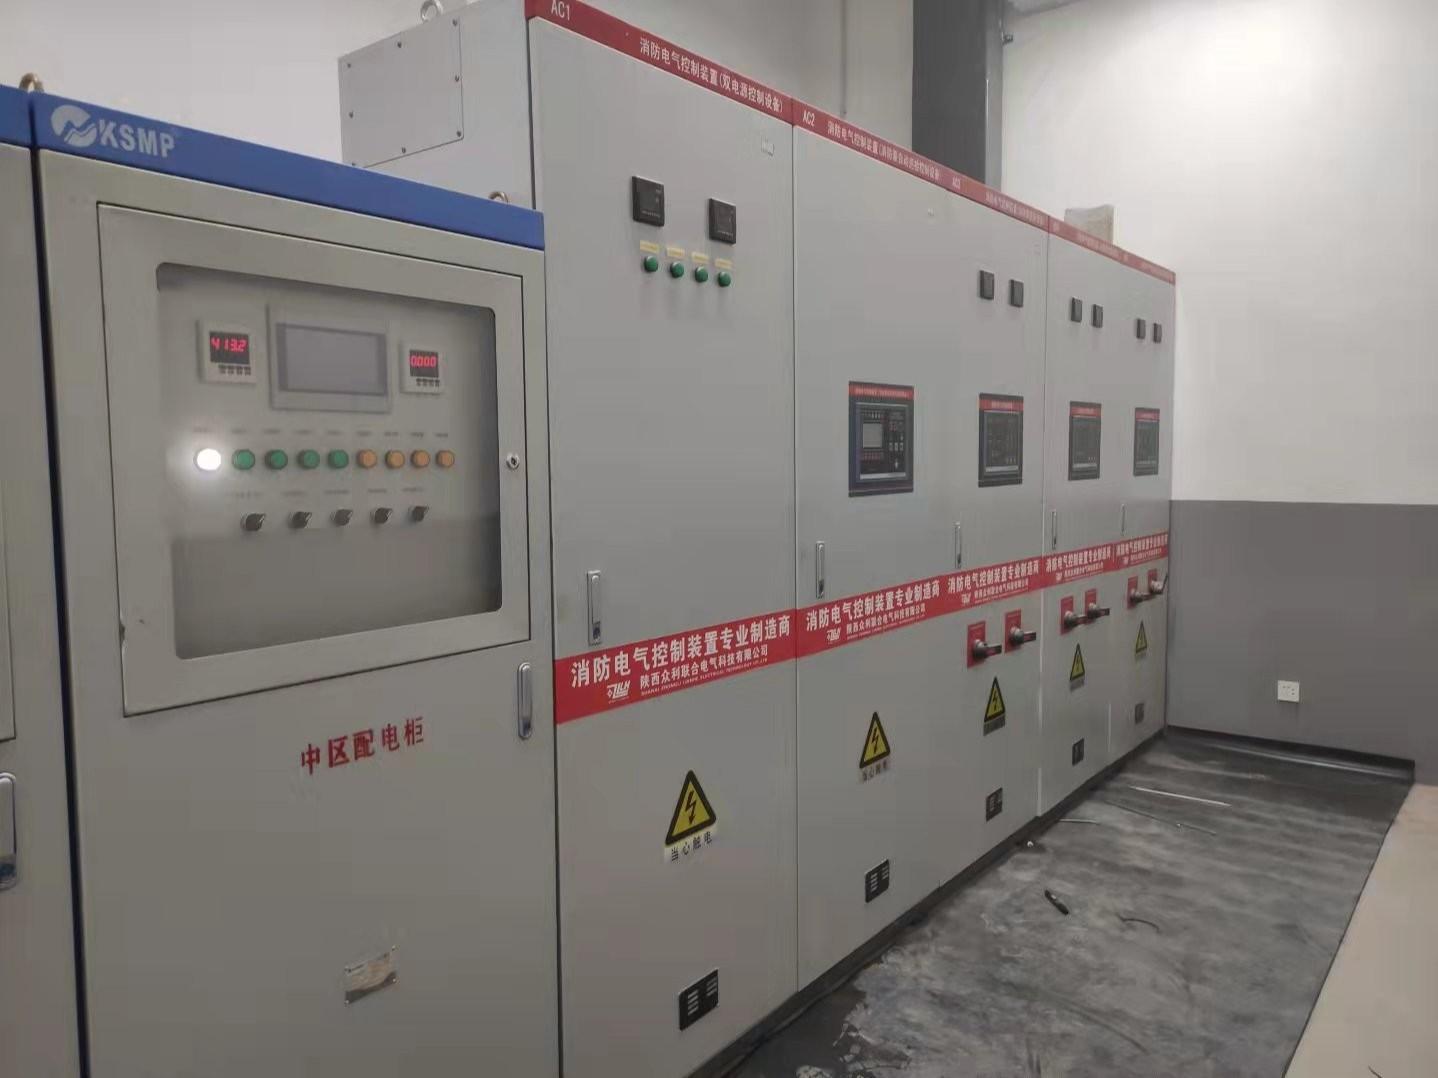 消防水泵房的消防配电线路的电气保护该怎样设置?